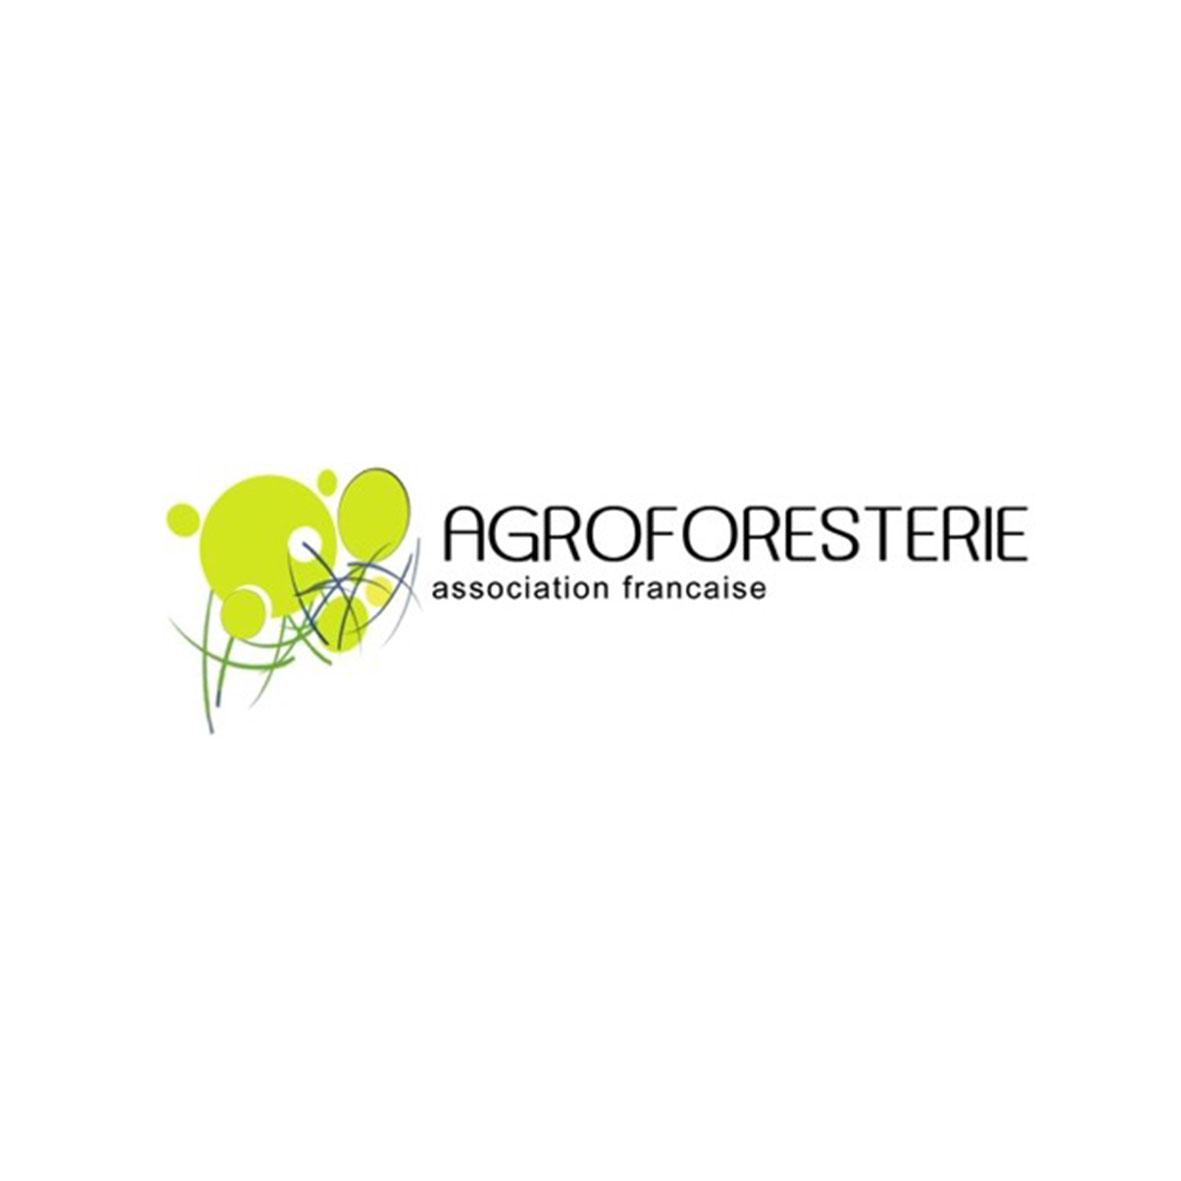 afaf-partenaire-agroecologie